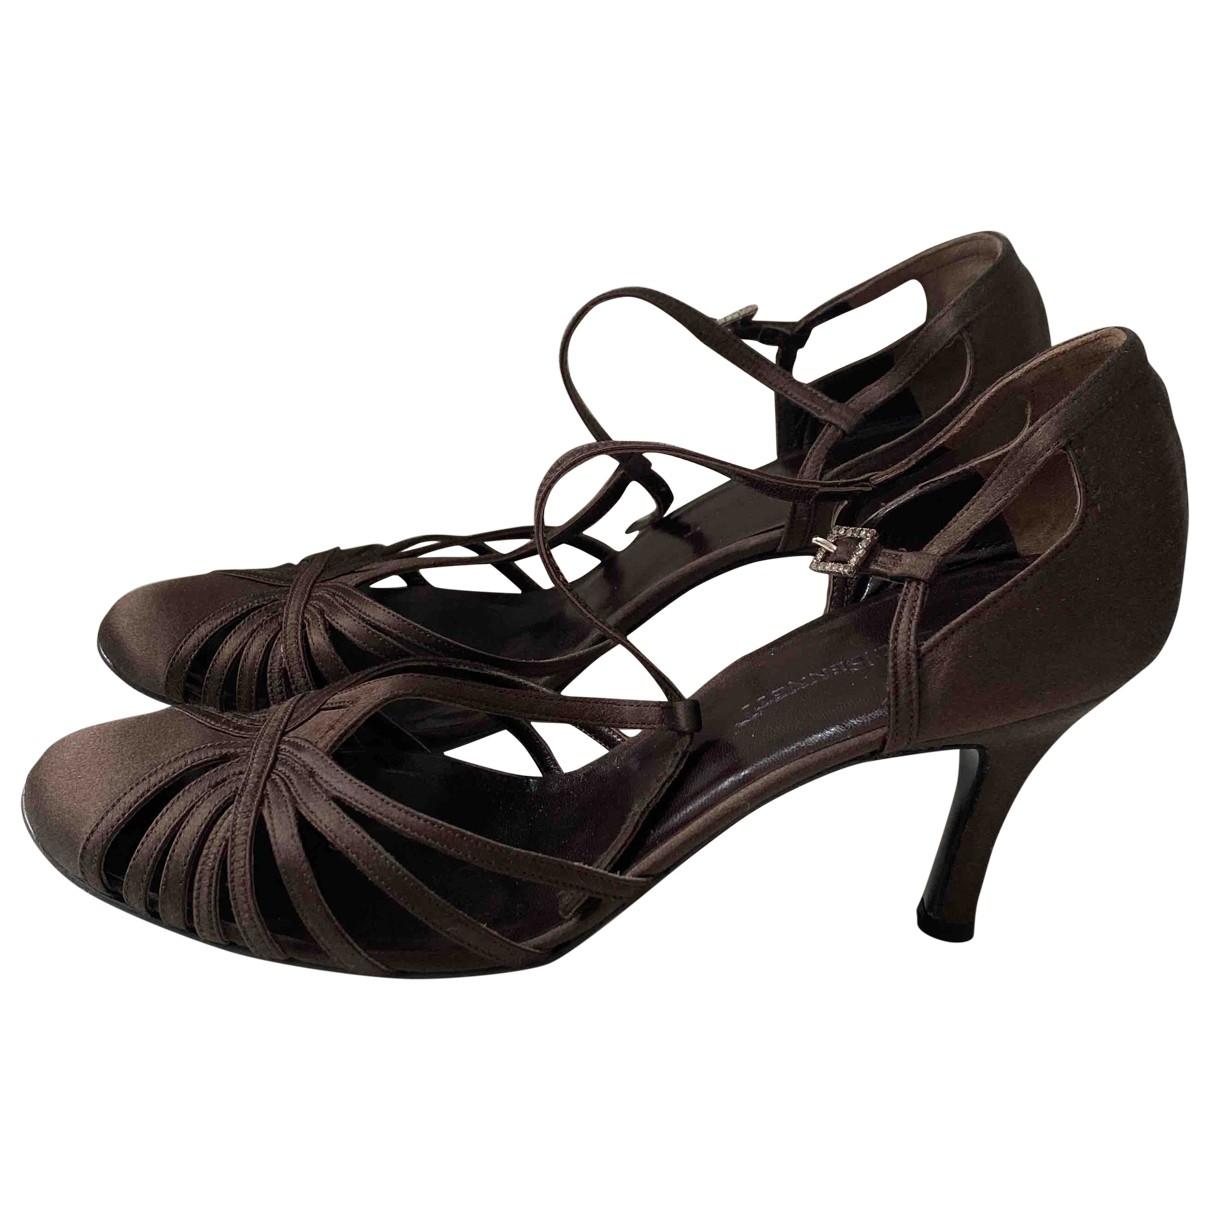 Lk Bennett \N Brown Cloth Heels for Women 37.5 EU